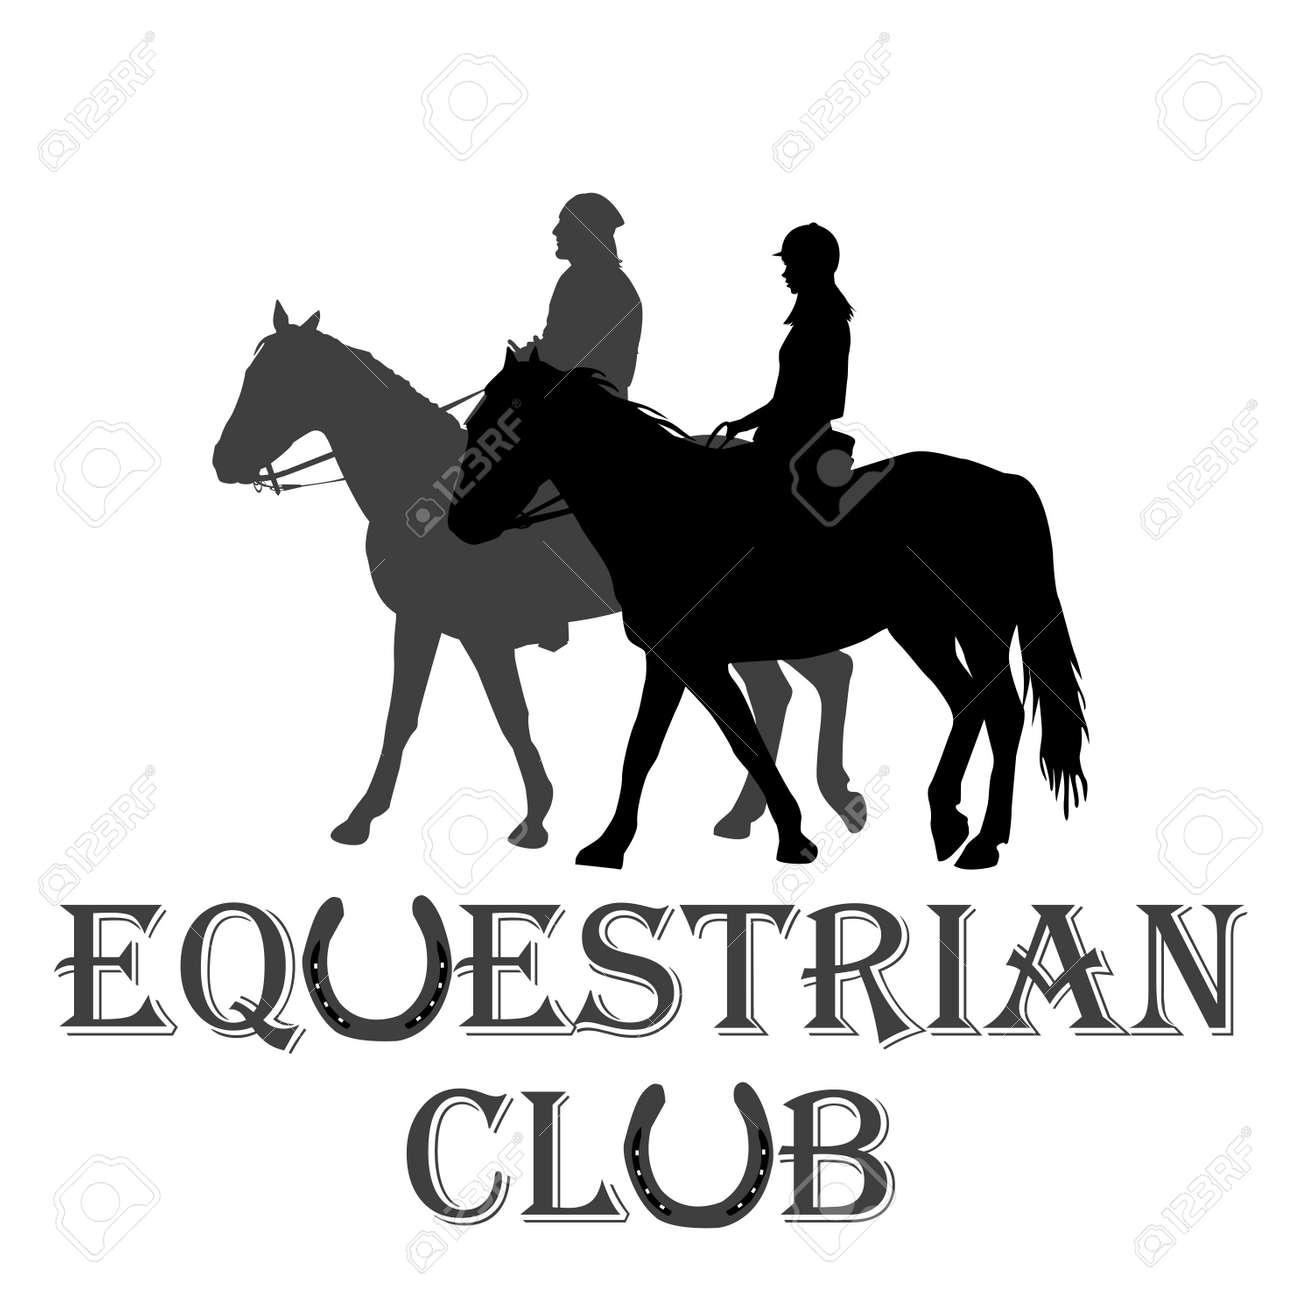 Equestrian Club Advertising With Silhouettes Of Horse Riders Ilustraciones Vectoriales Clip Art Vectorizado Libre De Derechos Image 109724662